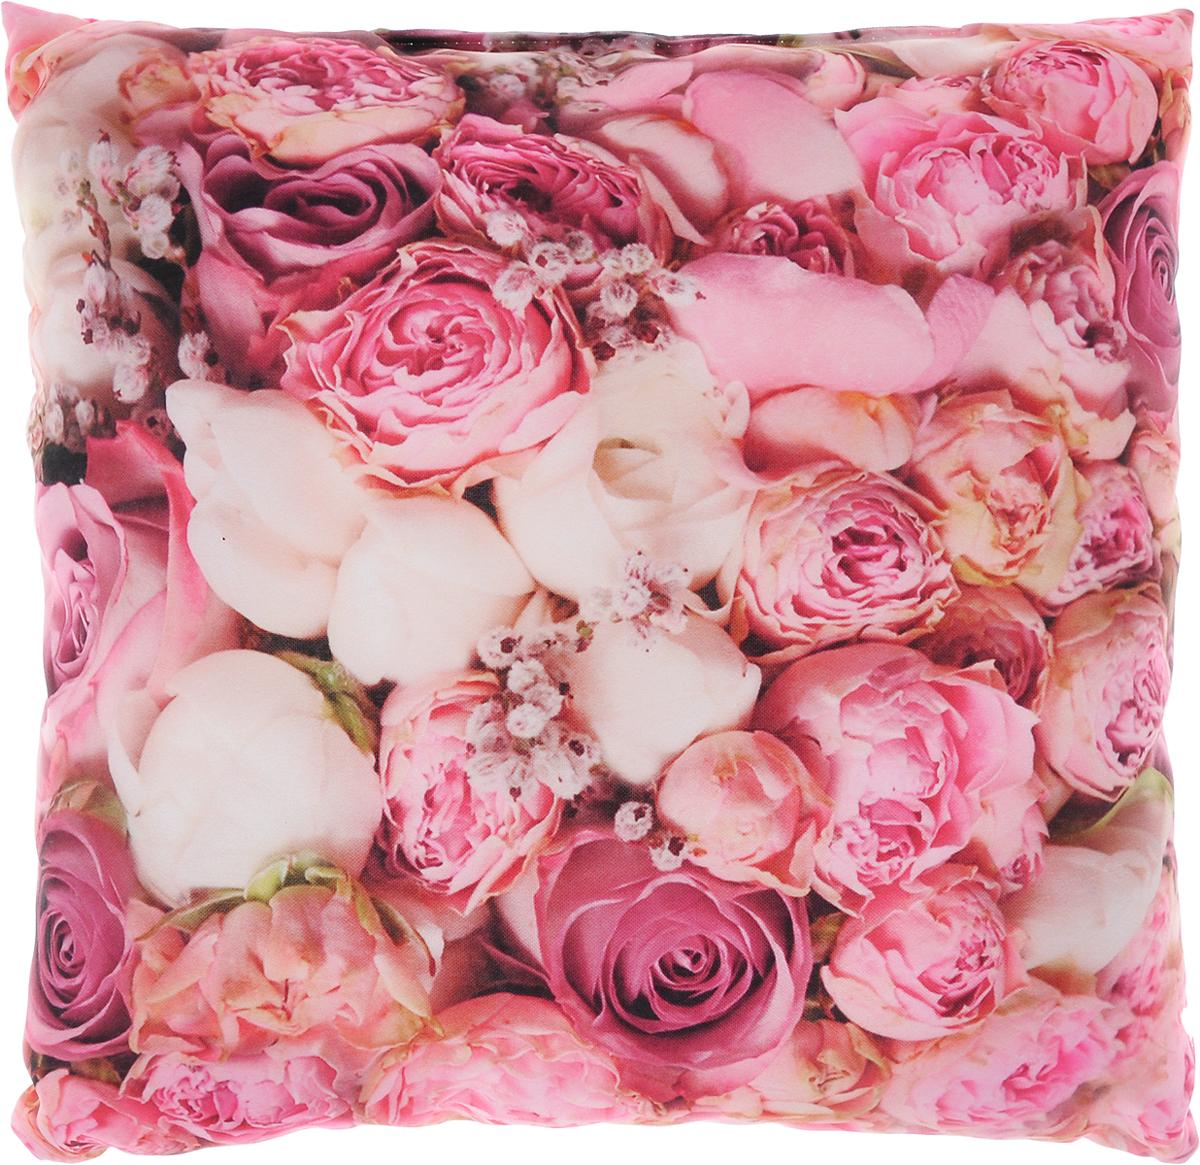 Подушка декоративная Сирень Очарование, 40 х 40 см1004900000360Декоративная подушка Сирень Очарование, изготовленная из габардина (100% полиэстер), прекрасно дополнит интерьер спальни или гостиной. Подушка оформлена красочным изображением цветов. Внутри - мягкий наполнитель из холлофайбера (100% полиэстер). Красивая подушка создаст атмосферу тепла и уюта в спальне и станет прекрасным элементом декора.